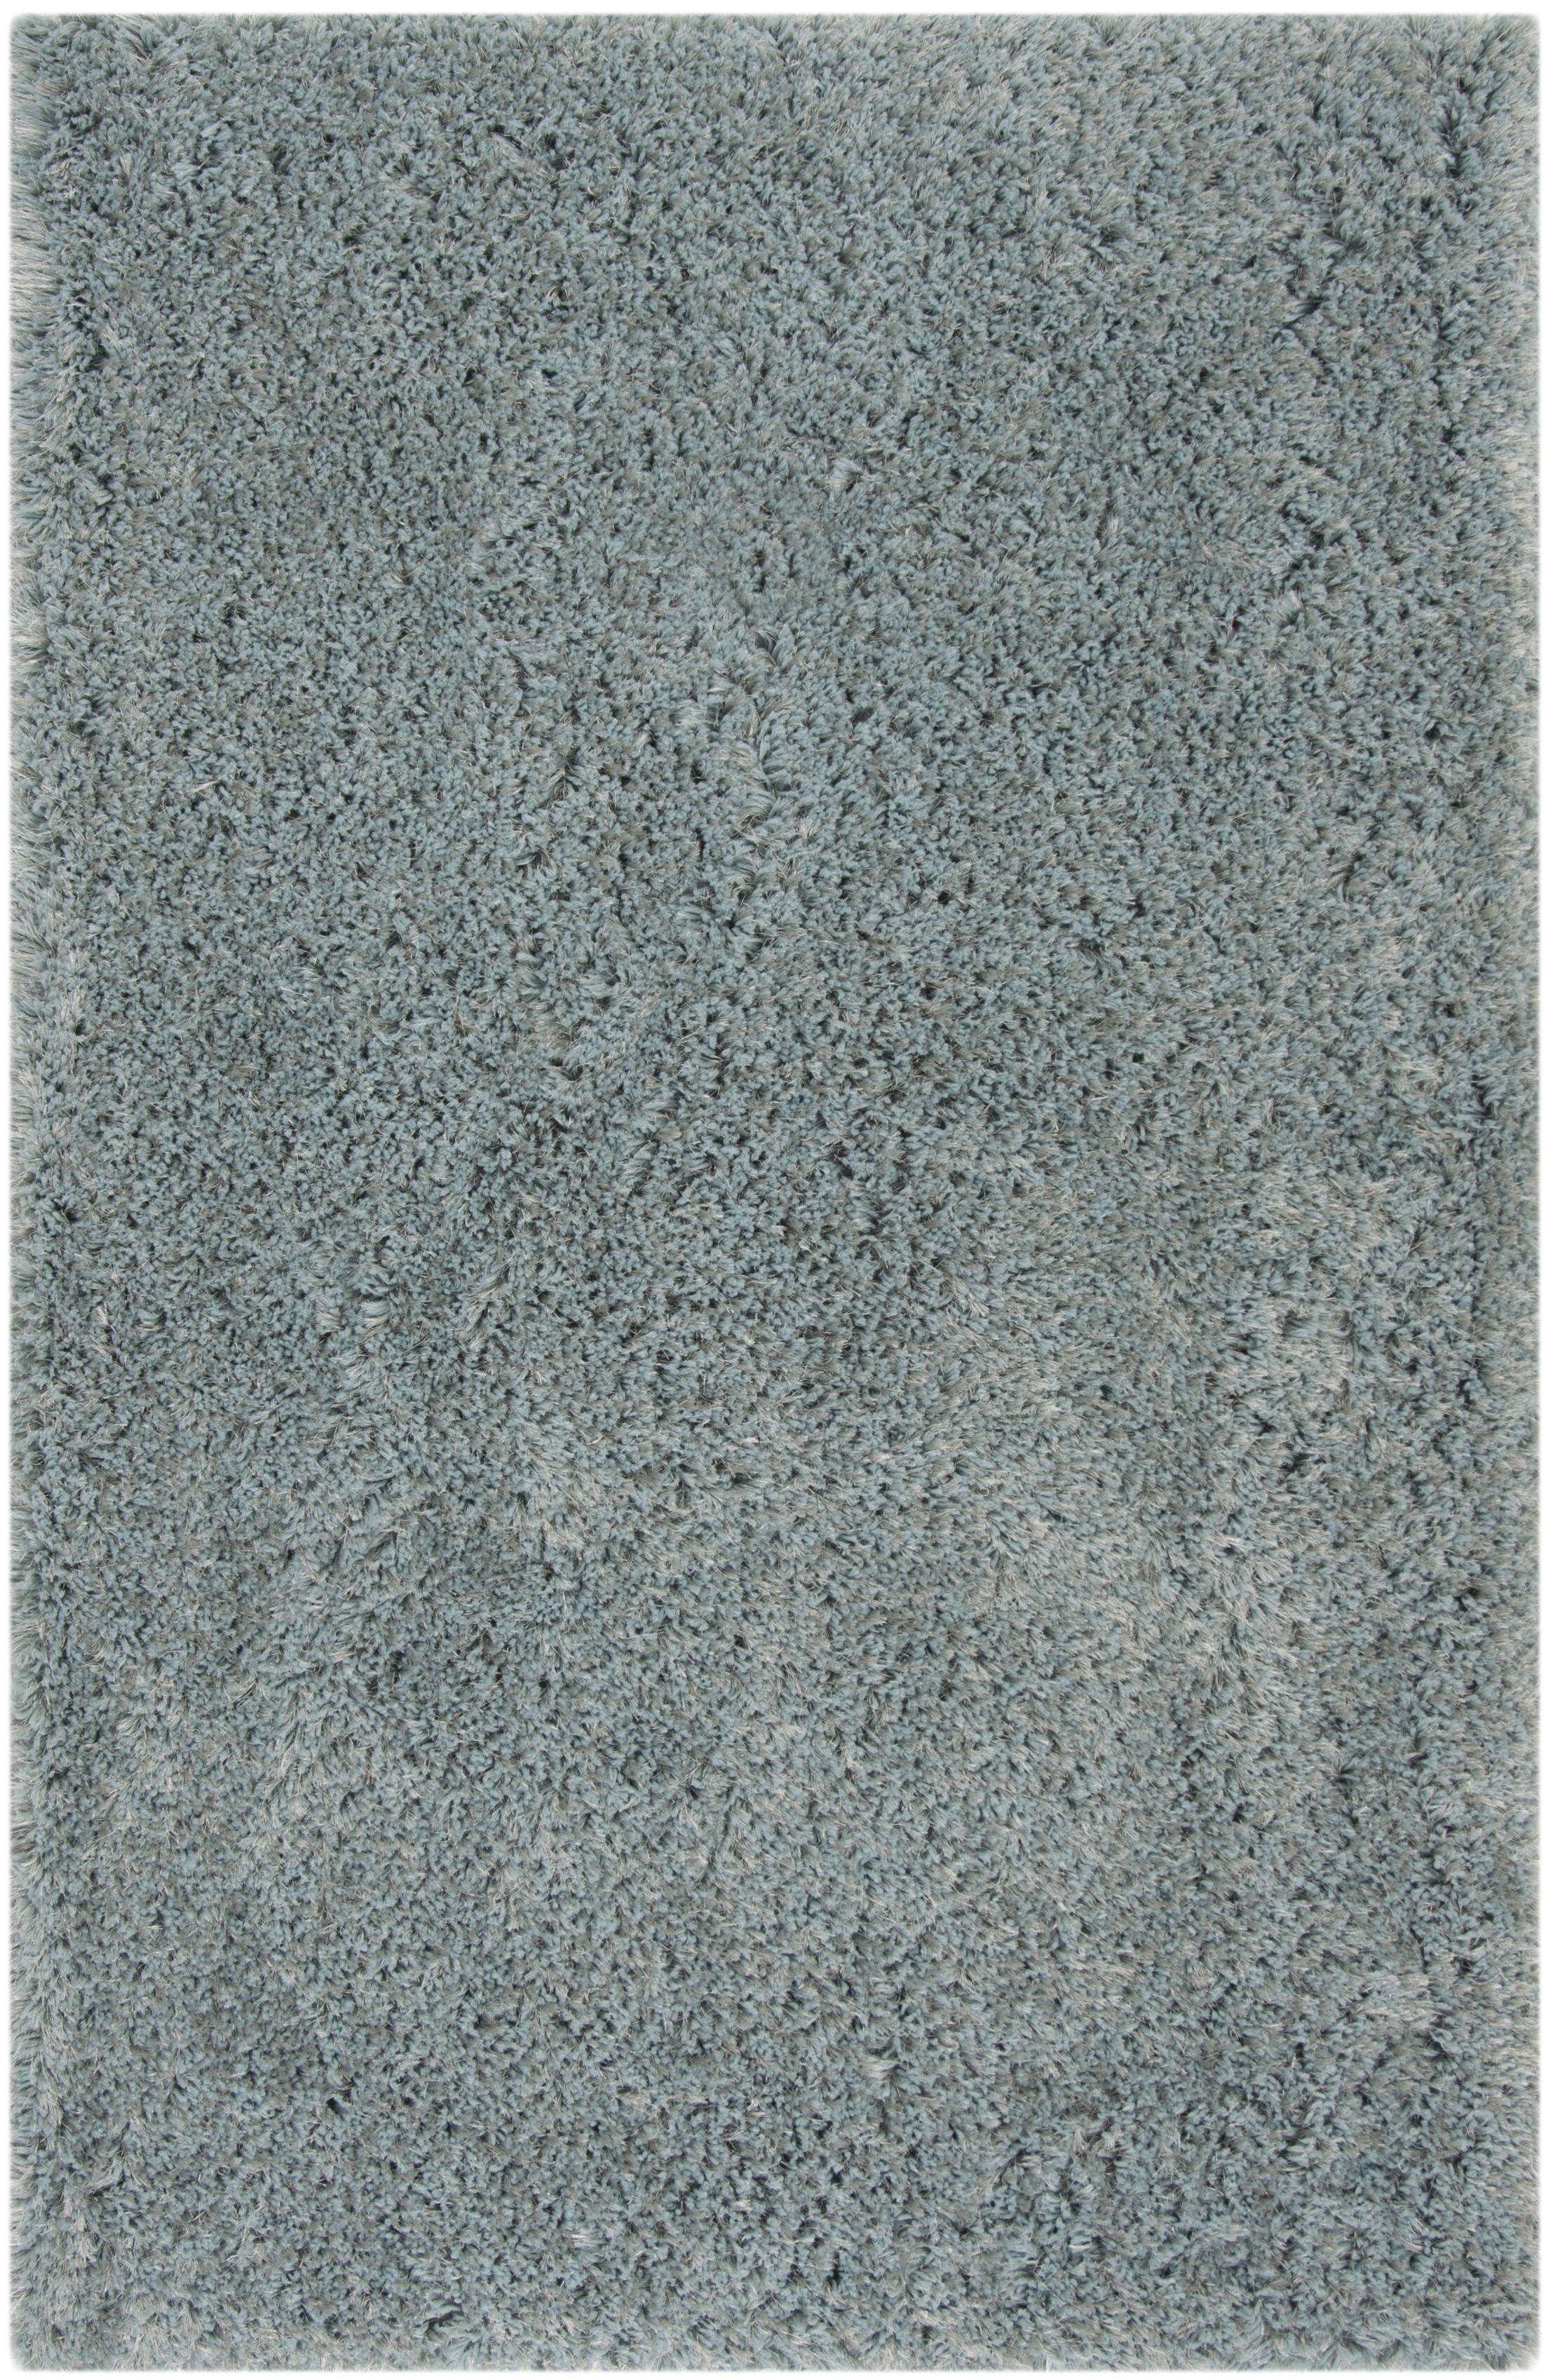 Loyola Shag Hand-Tufted Blue Area Rug Rug Size: Rectagnle 8' x 10'